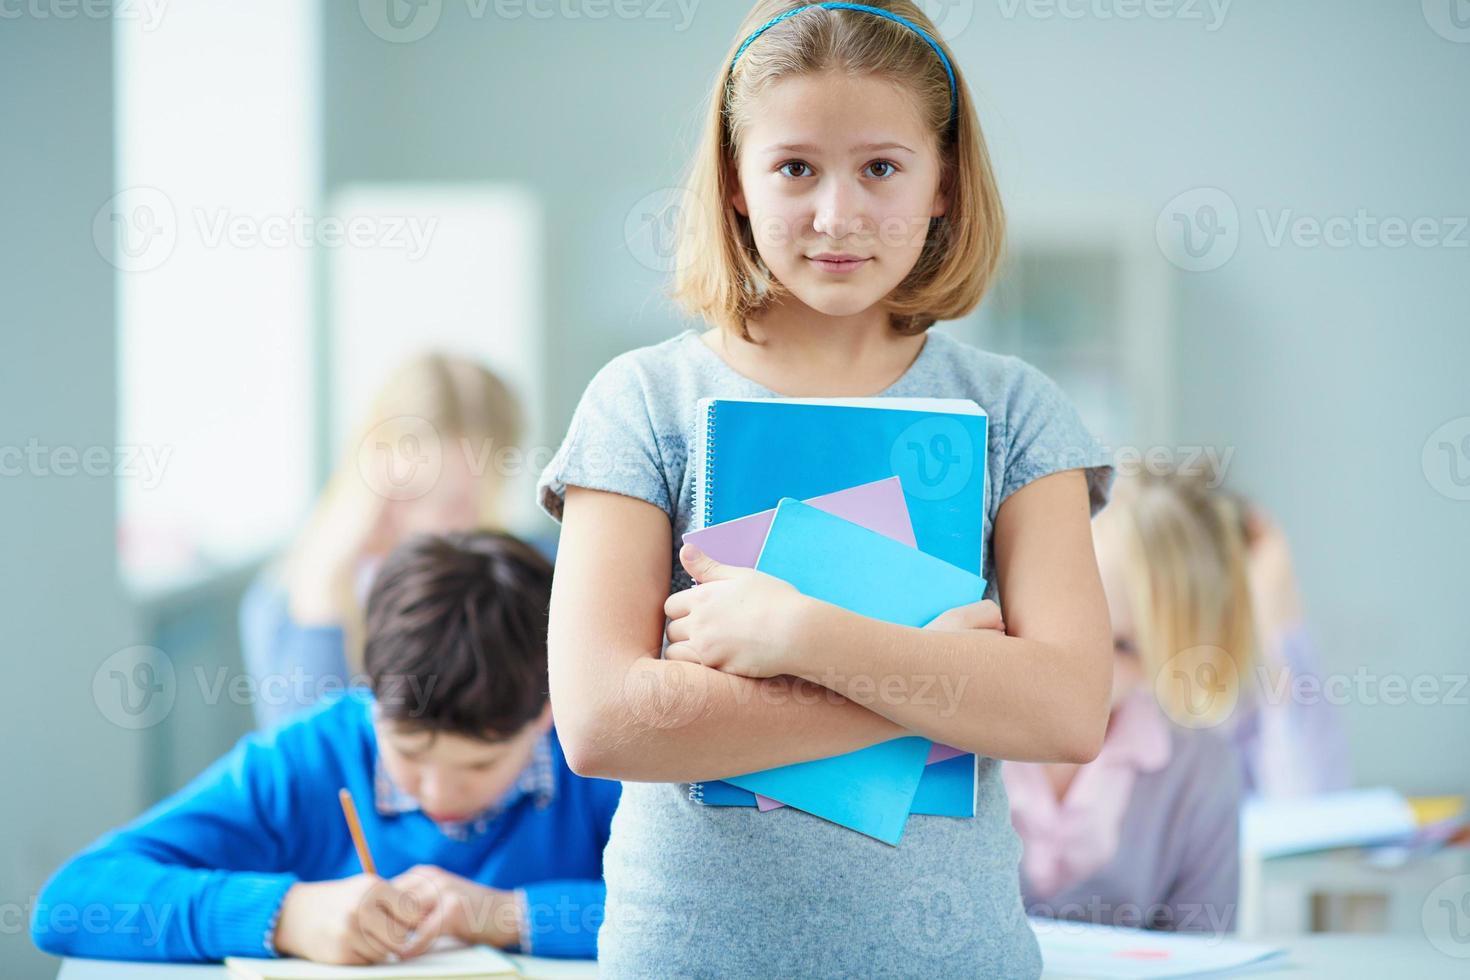 jugendlicher Lernender foto